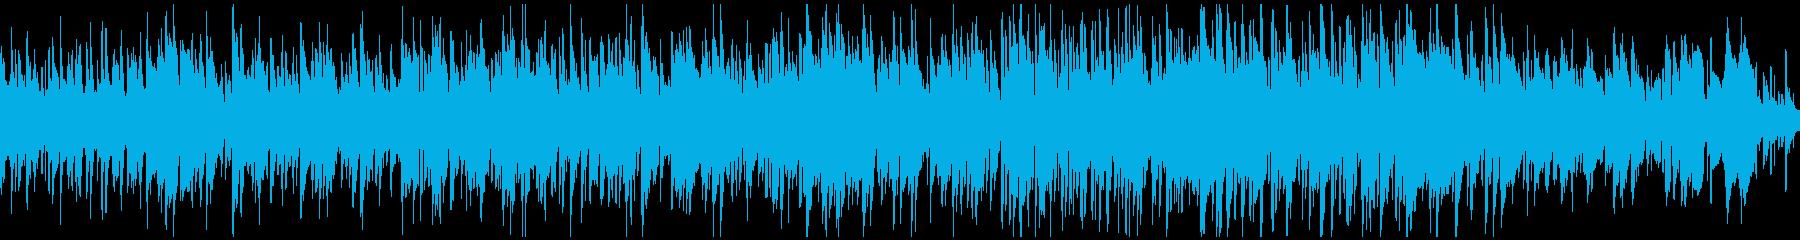 メロディアスで穏やかなボサノバ※ループ版の再生済みの波形